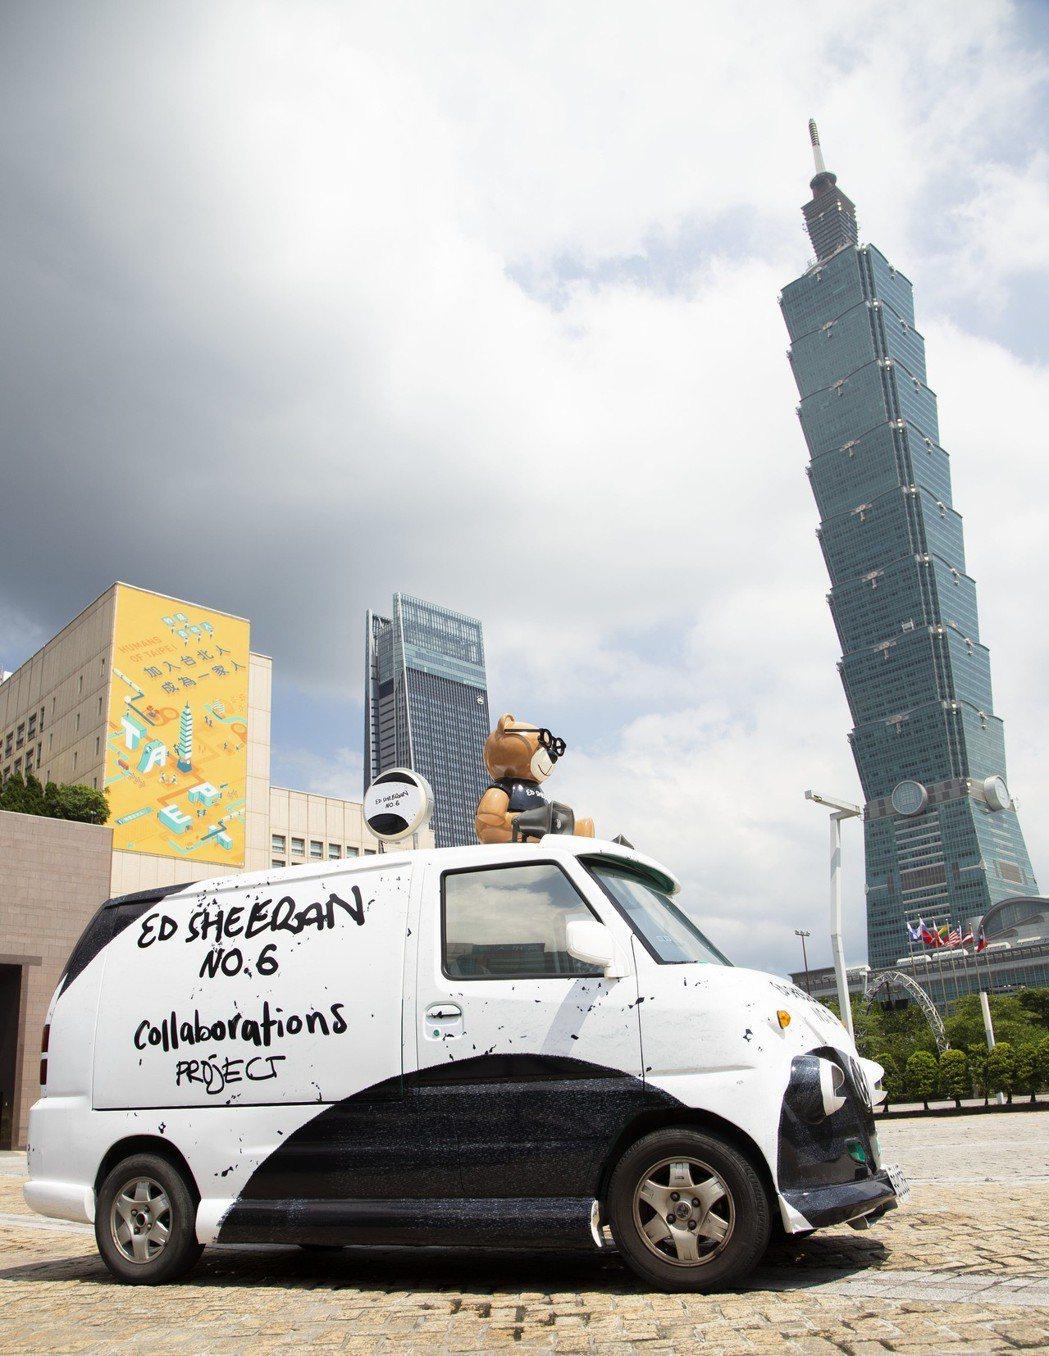 紅髮艾德 NO.6 概念小巴將從6月28日開始繞行台北一個月。圖/華納音樂提供